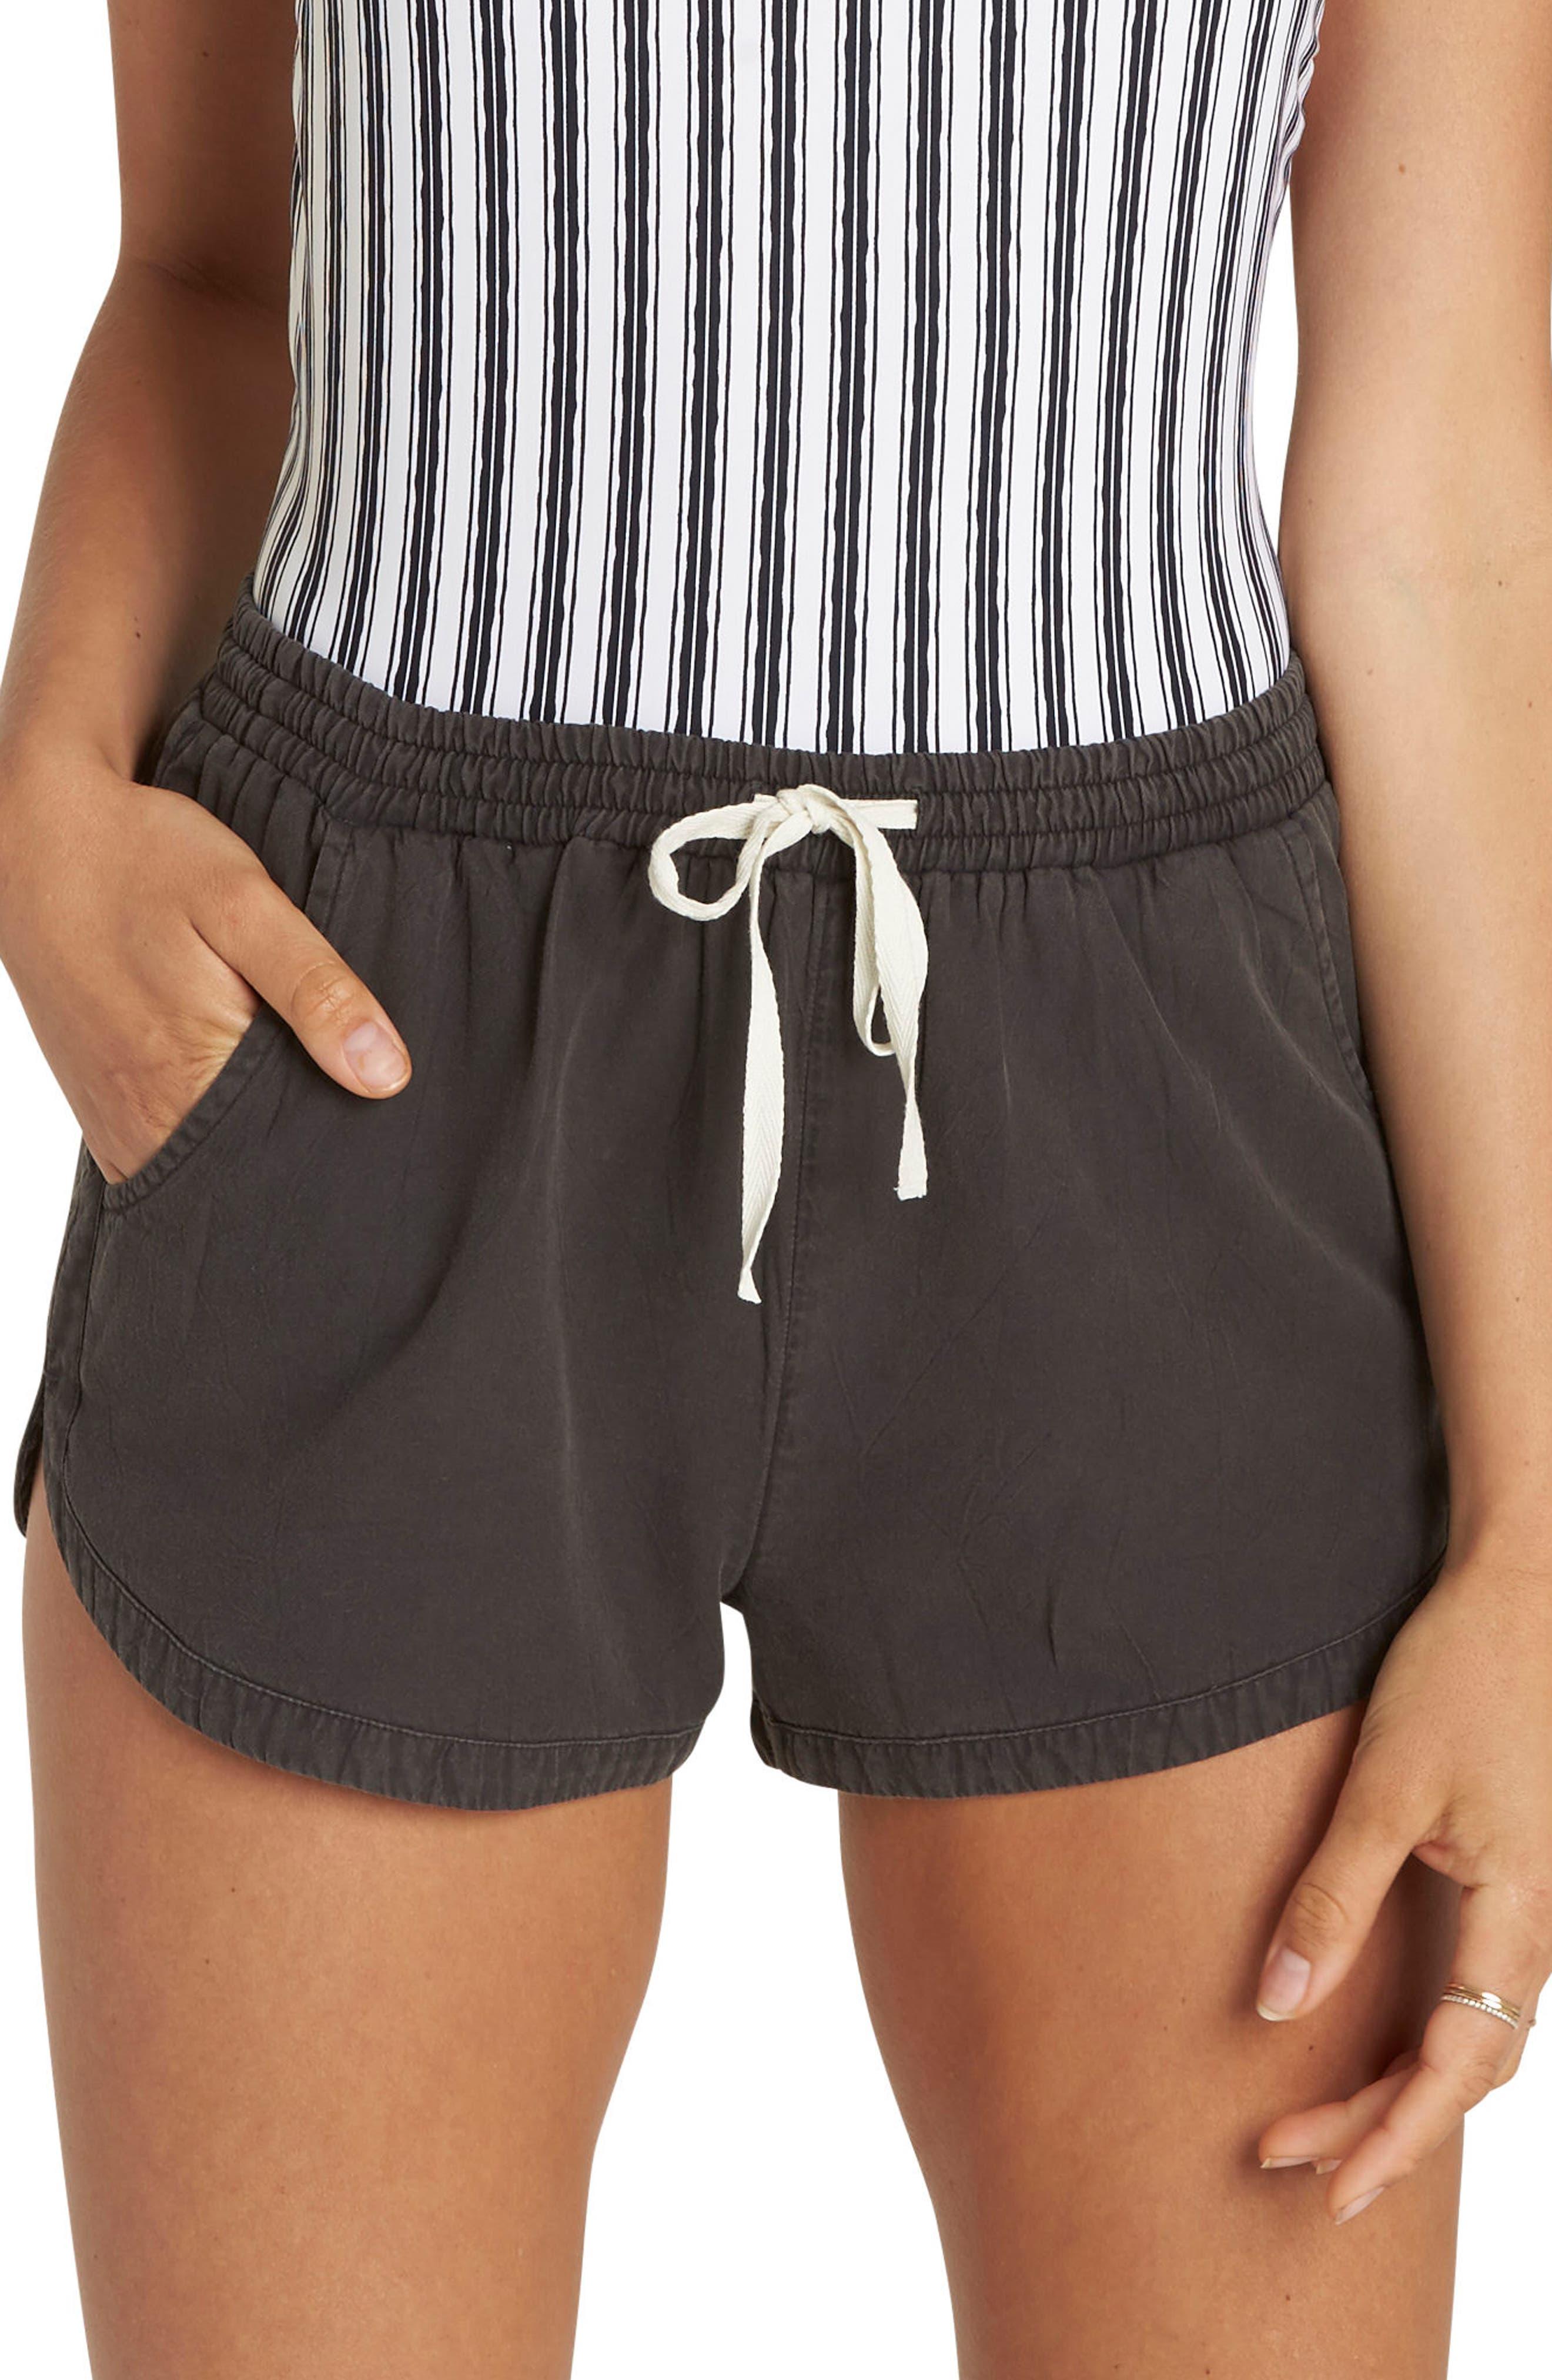 Alternate Image 1 Selected - Billabong 'Road Trippin' Shorts